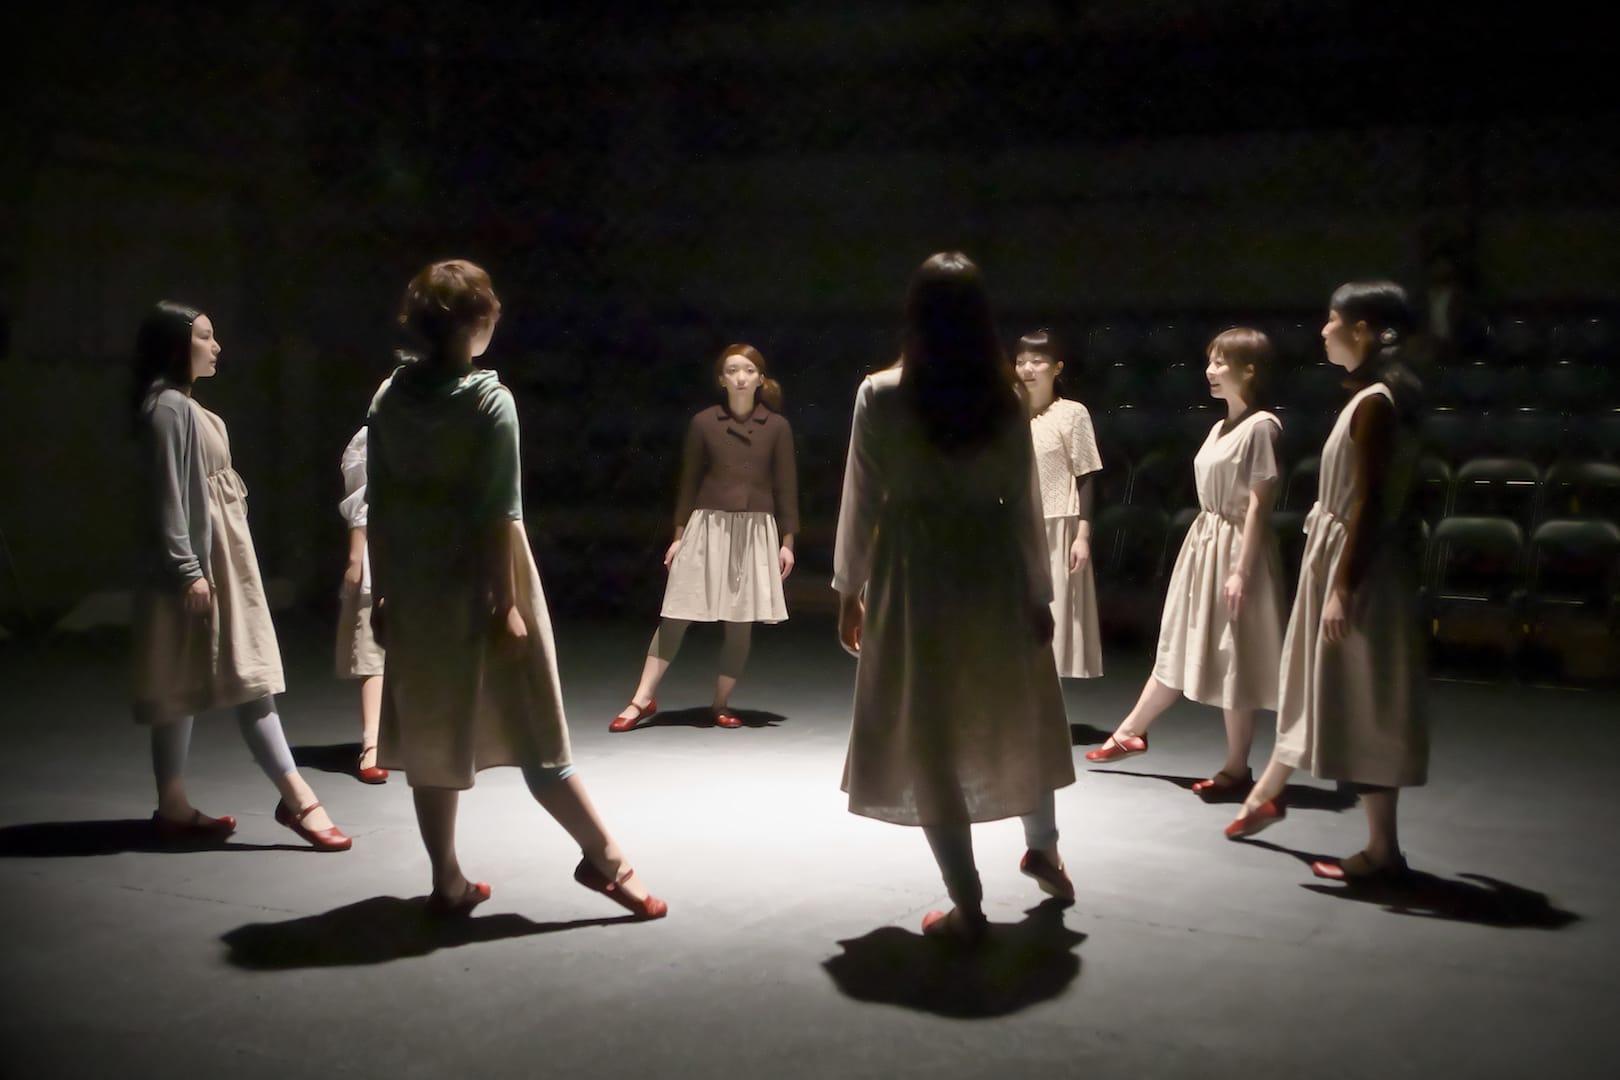 ままごと『あゆみ』(2011)撮影:青木司